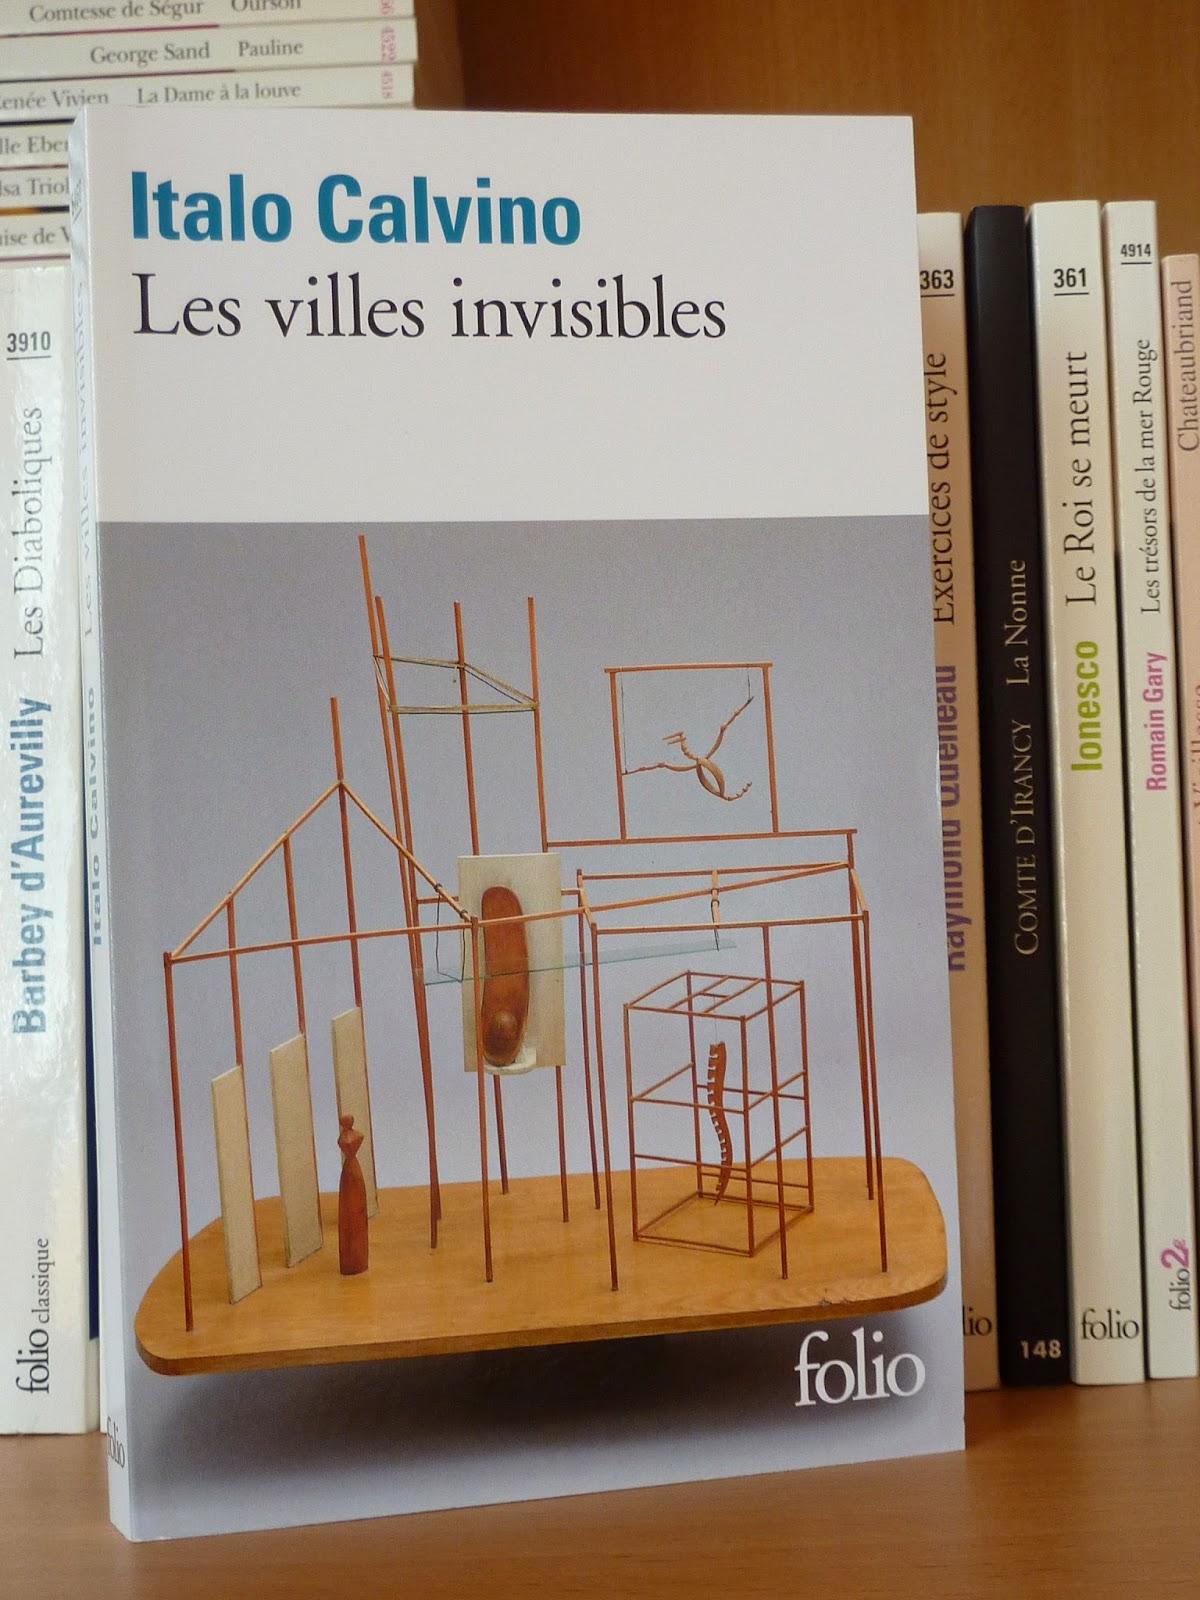 Les villes invisibles - Italo Calvino